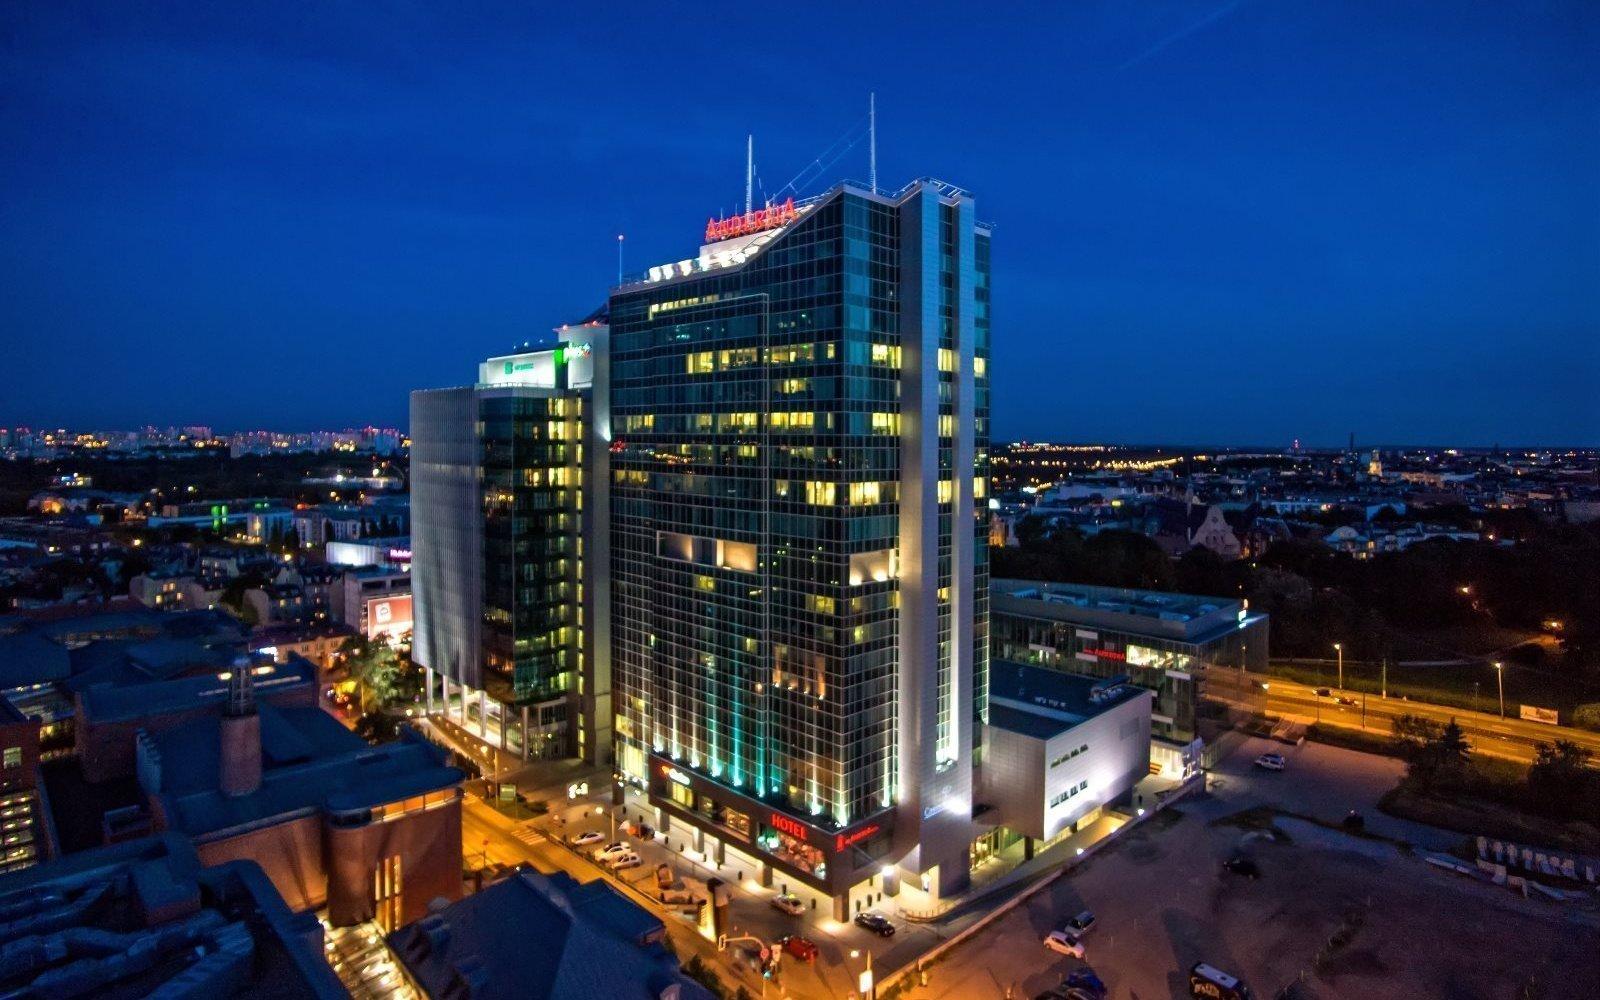 Hotel w centrum, Poznań - IBB Andersia